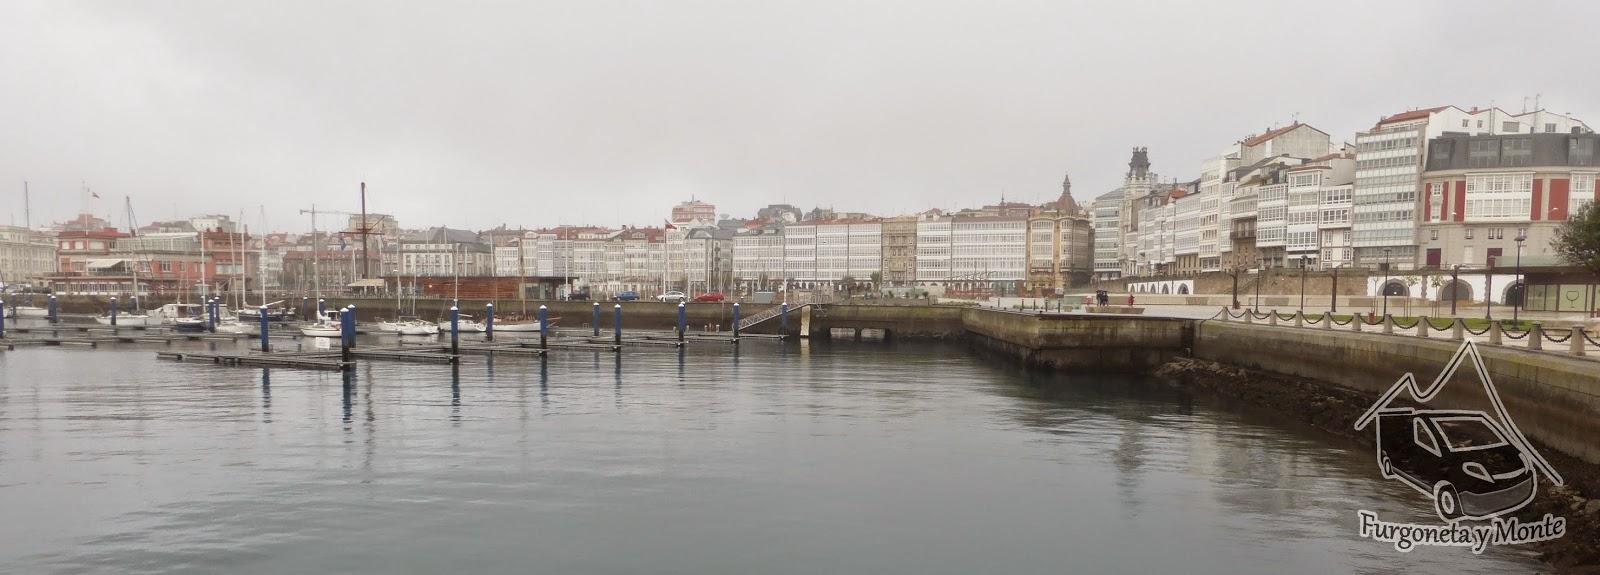 Avenida Marina (A Coruña)